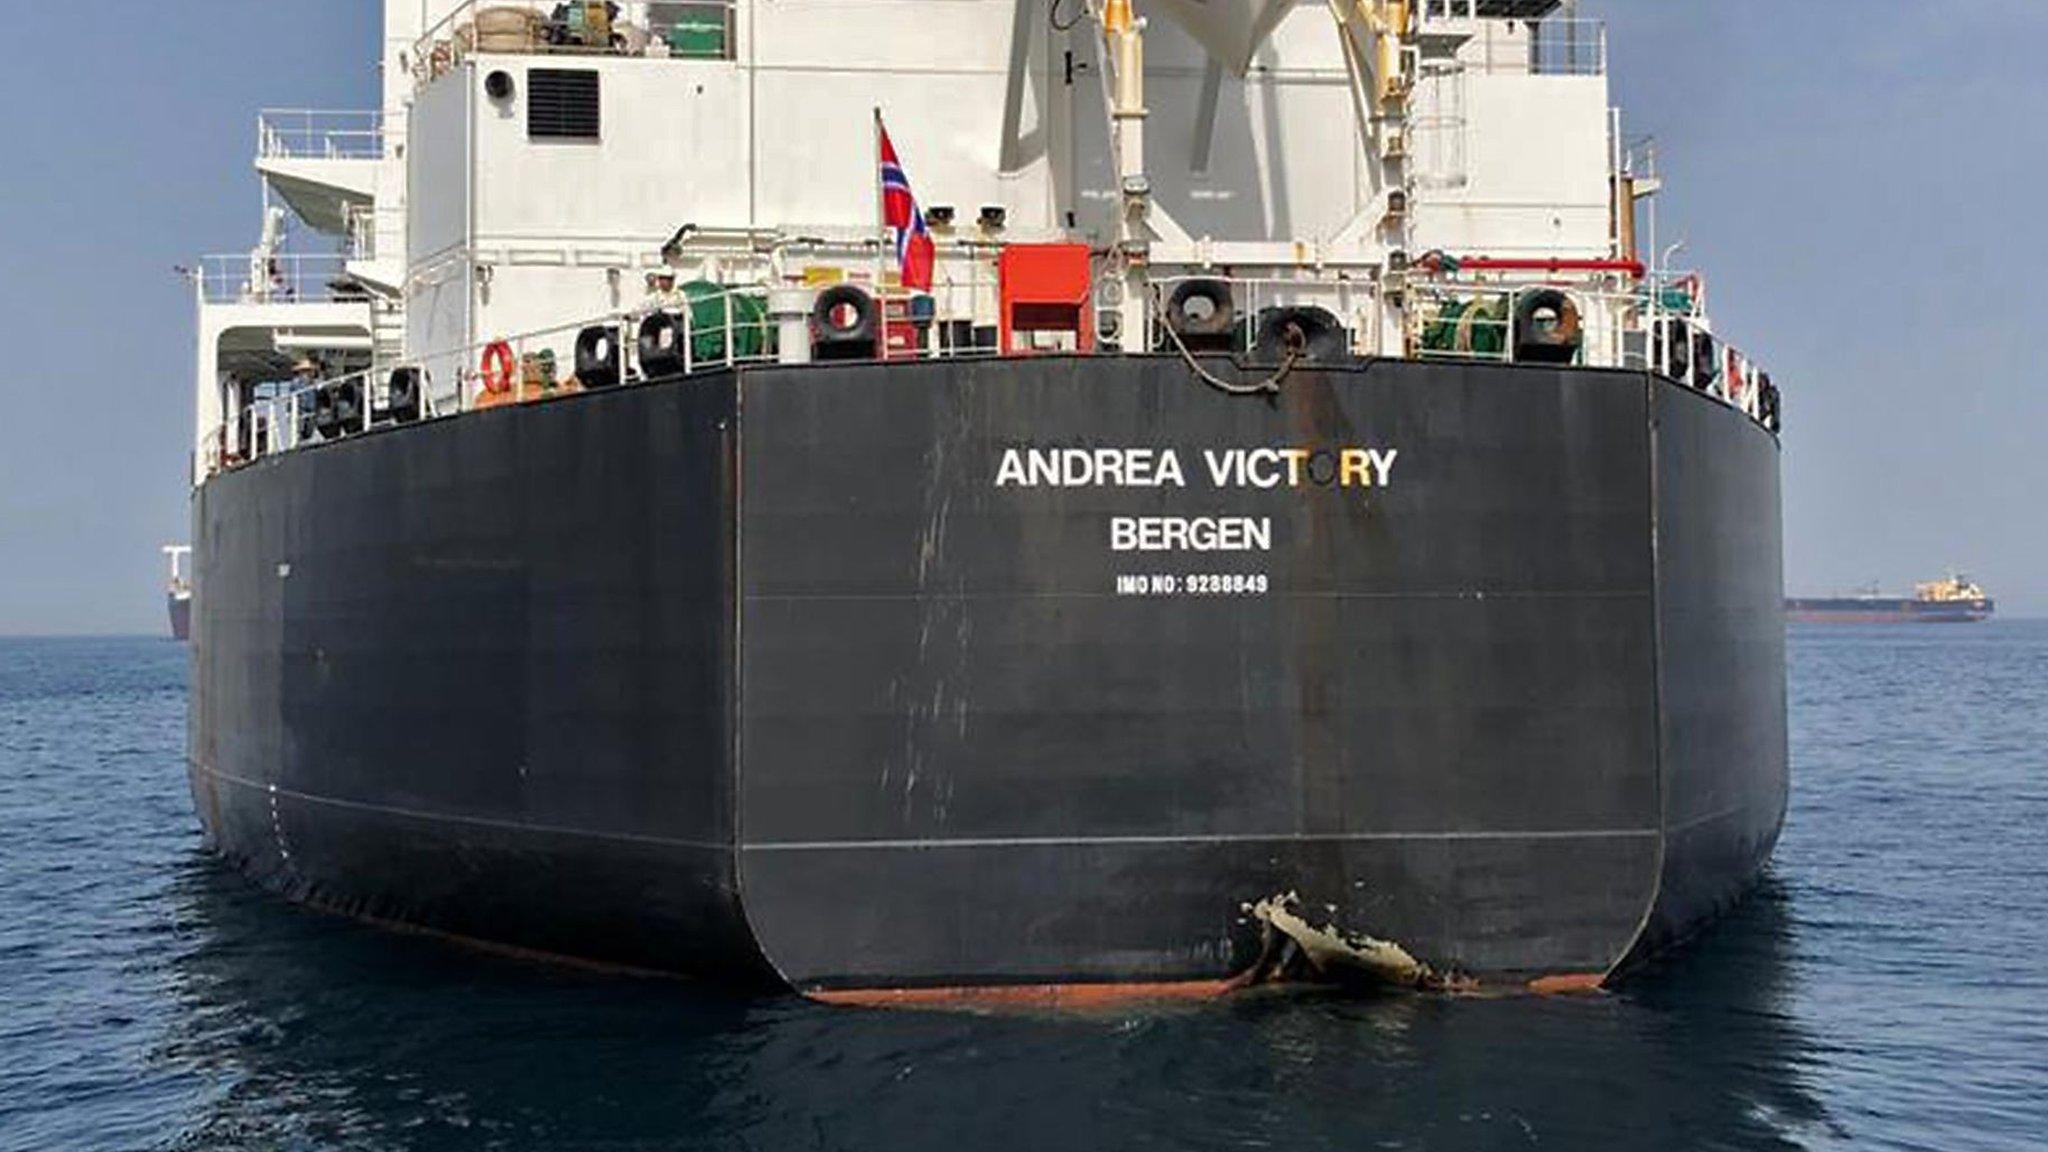 الهجمات وقعت في 12 مايو/أيار قبالة سواحل الفجيرة